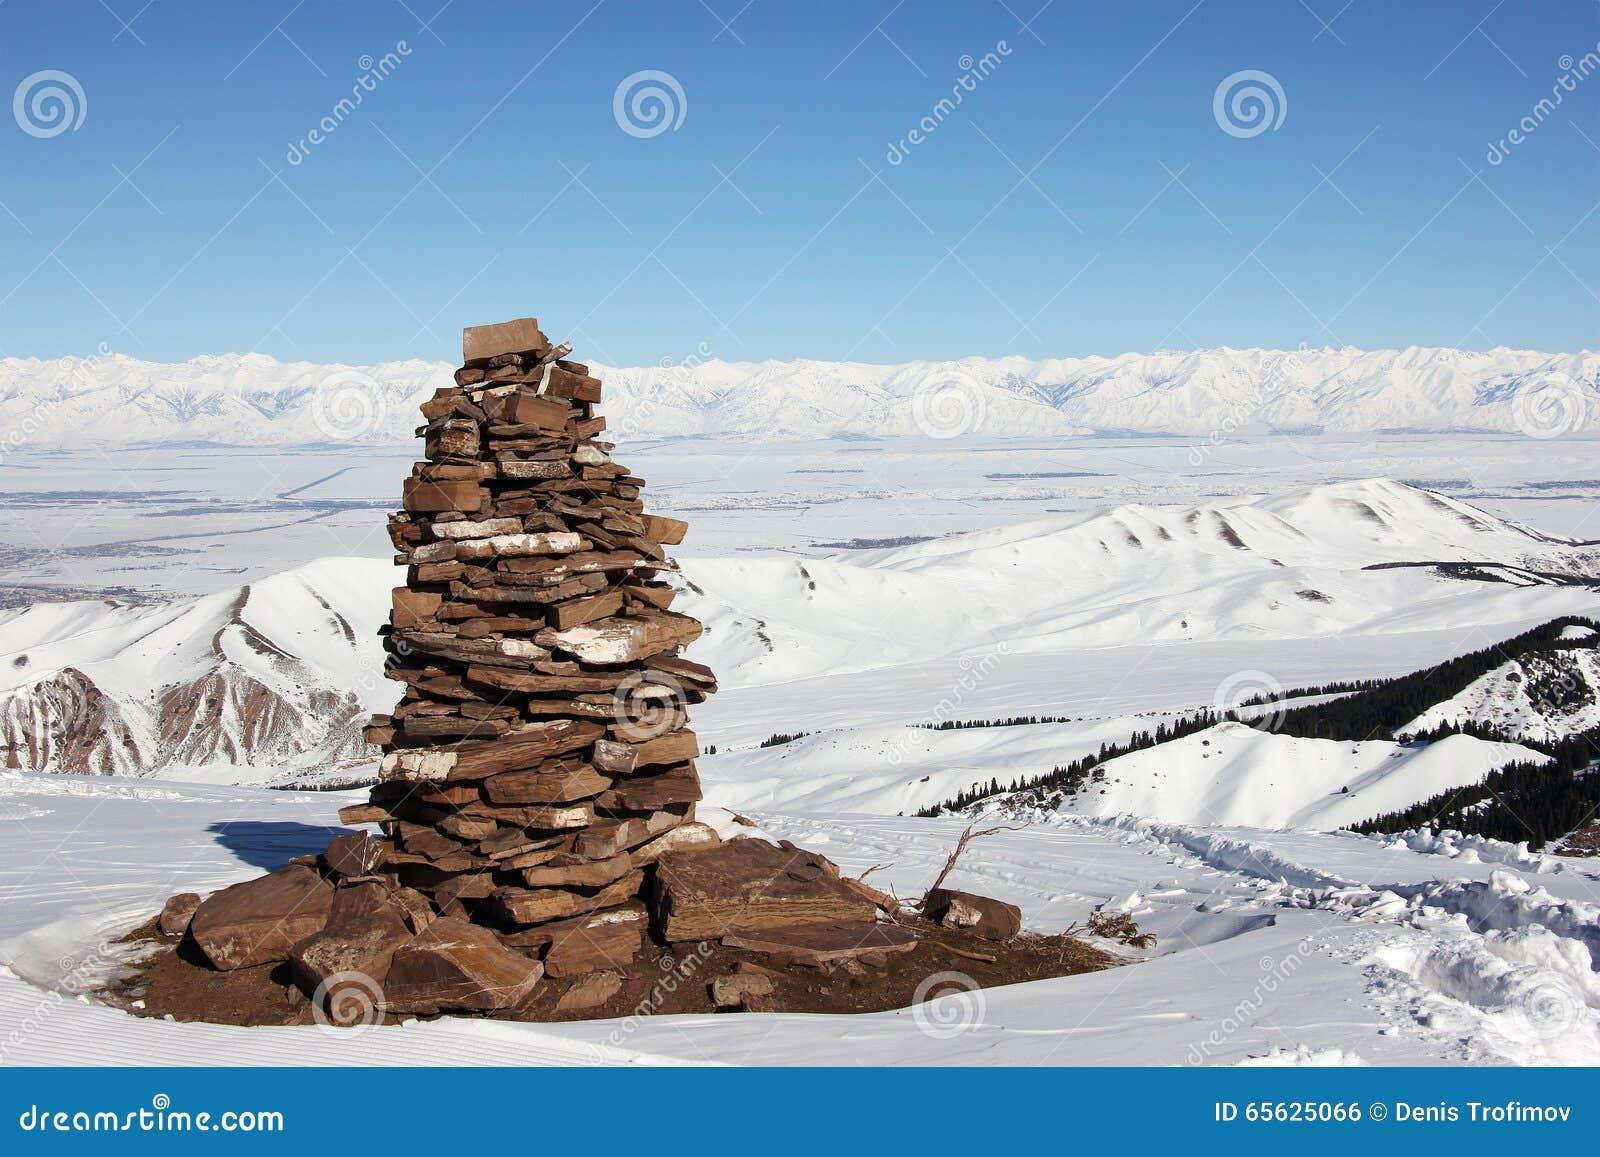 Pyramide en pierre sur le dessus de la montagne, vue sur le lac Issyk Kul val